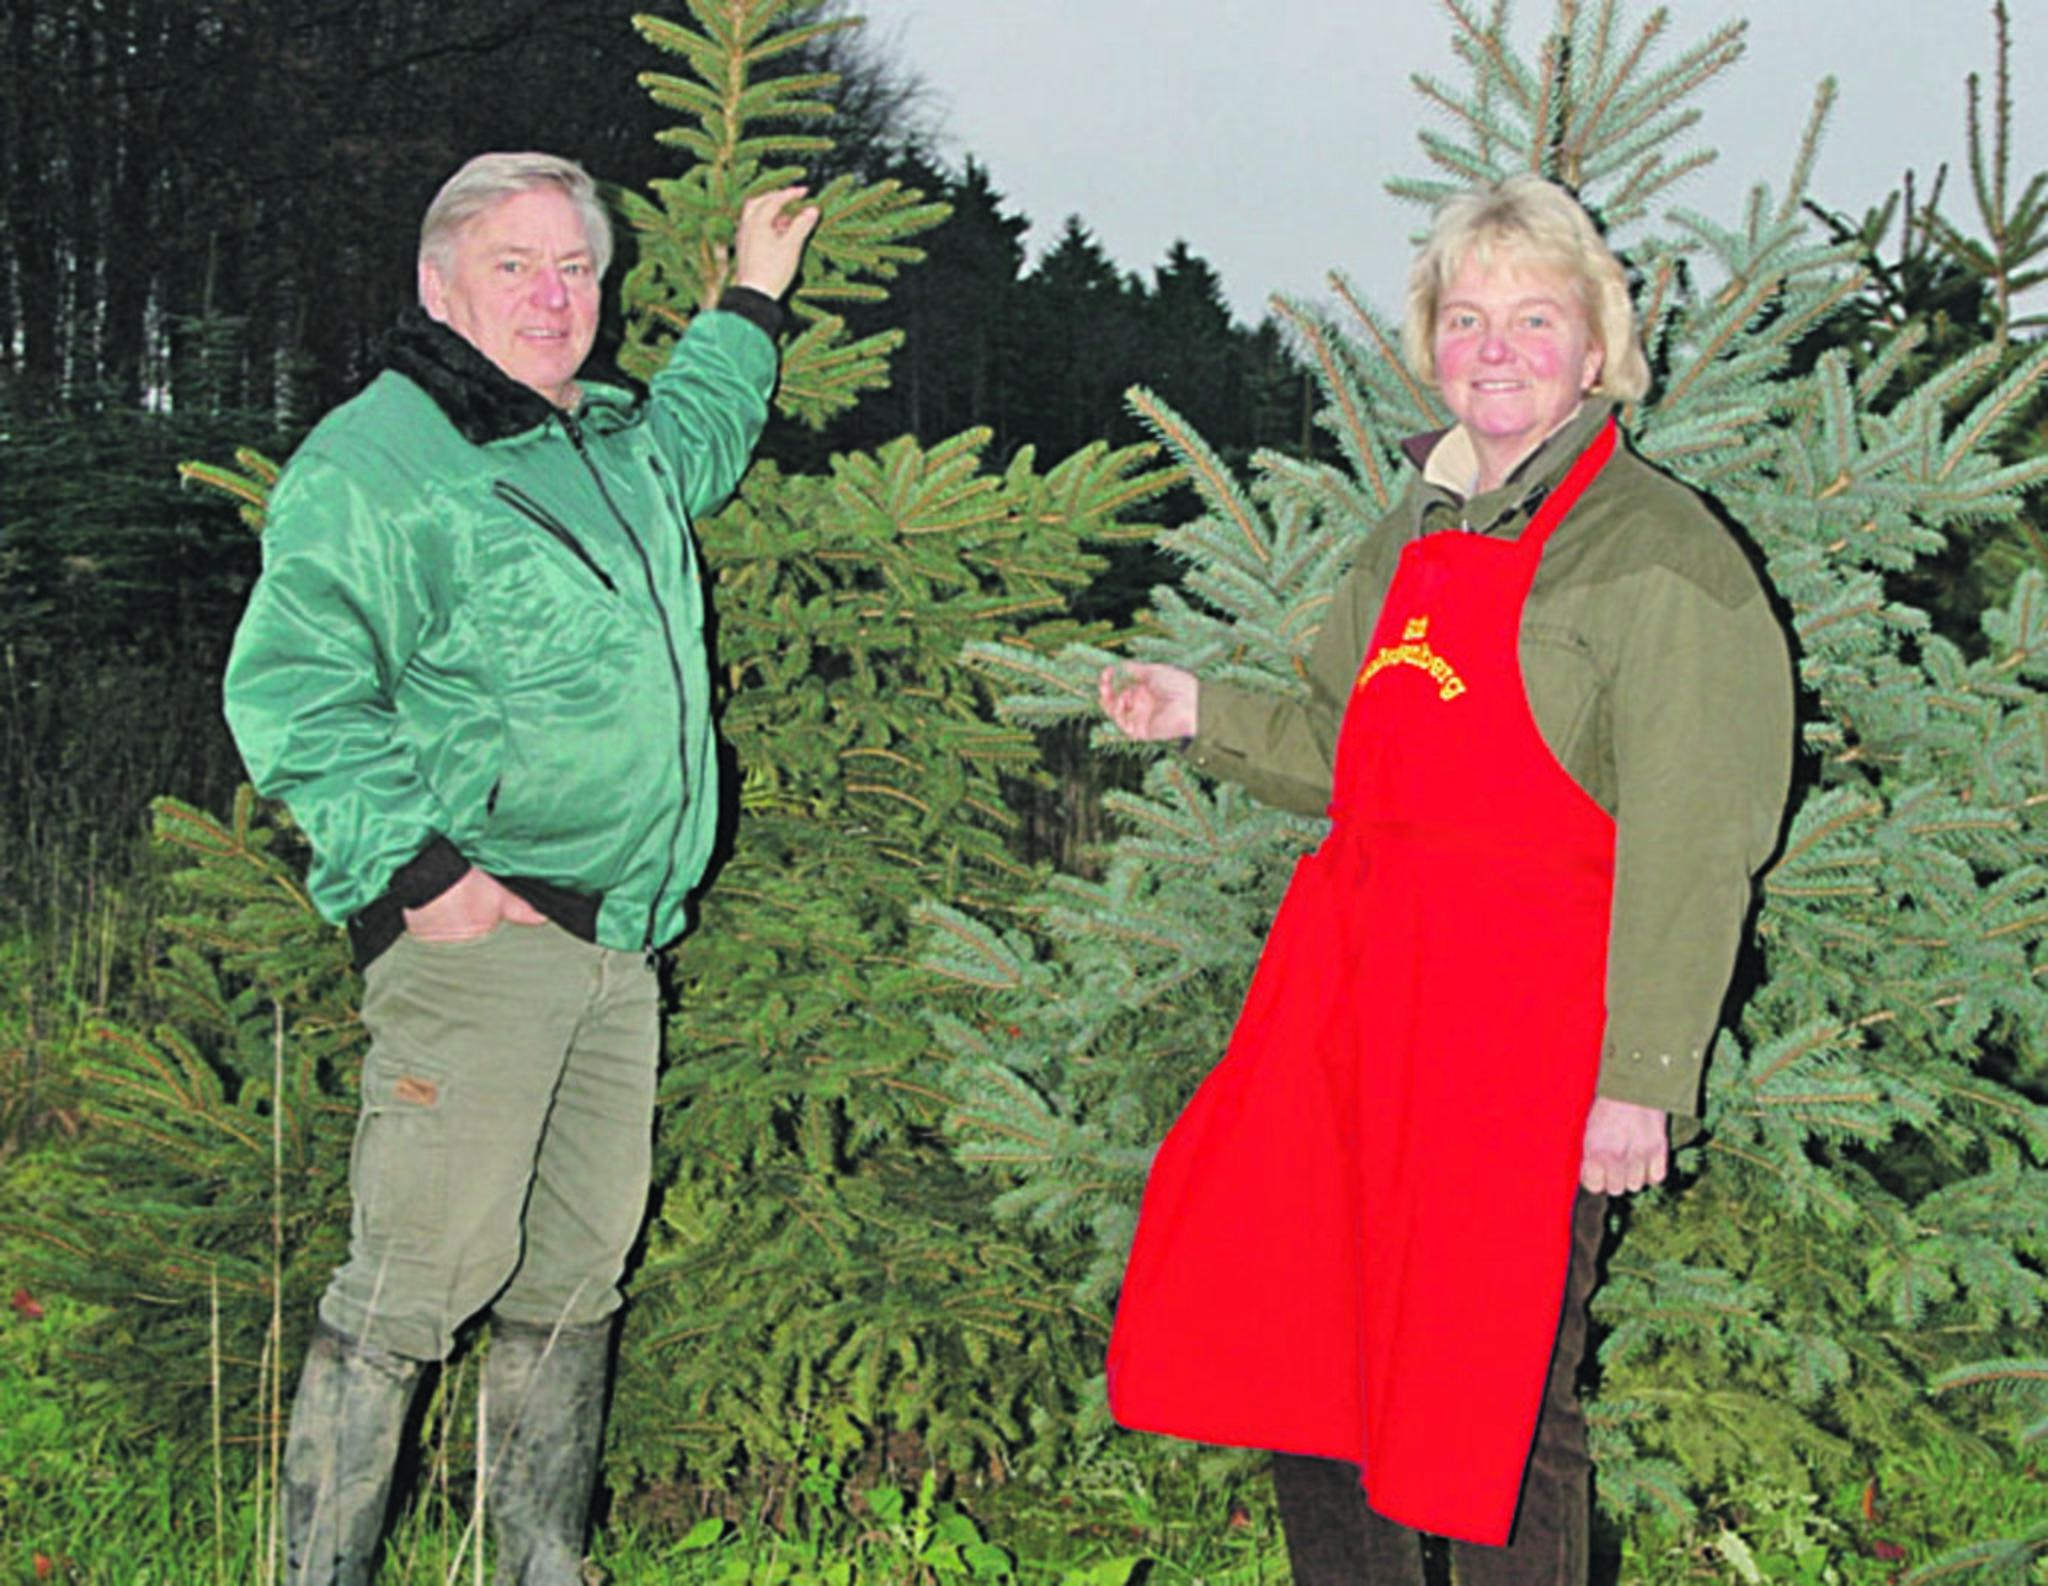 Weihnachtsbaum Schwerte.Wer Hat Einen Weihnachtsbaum Verdient Gewinnen Sie Eine Tanne Aus